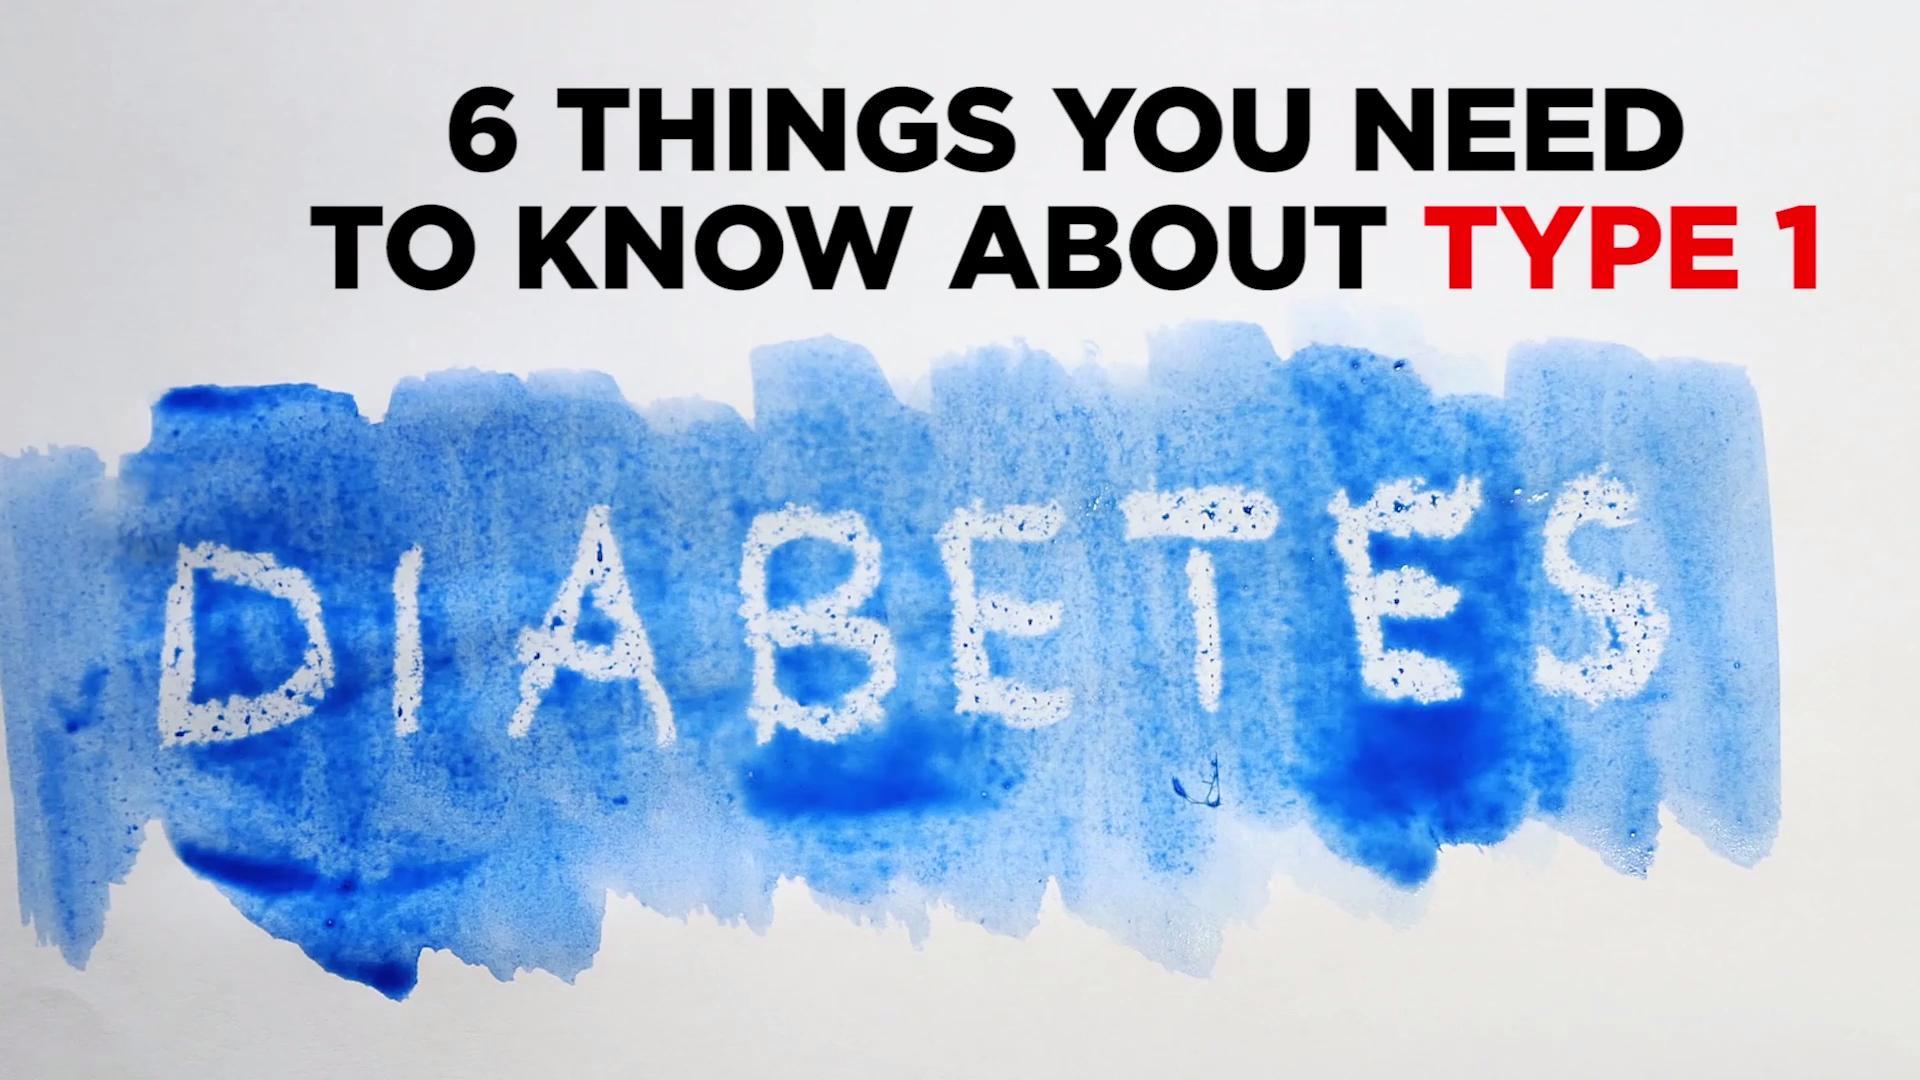 Famous faces of type 1 diabetes